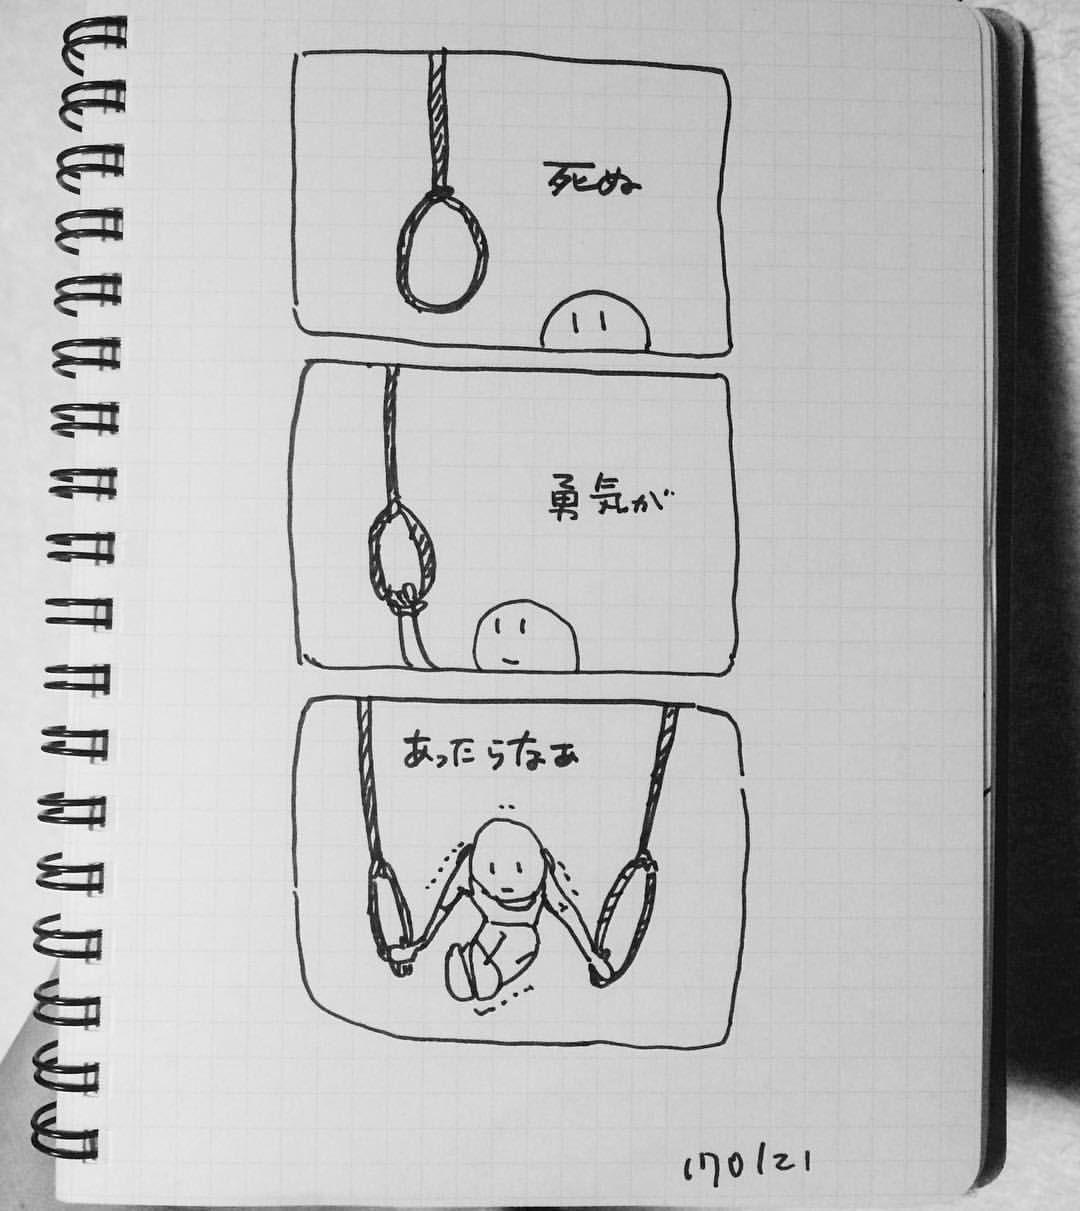 死ぬ 勇気が あったらなあ #イラスト #illustration #絵 #art #artwork ...